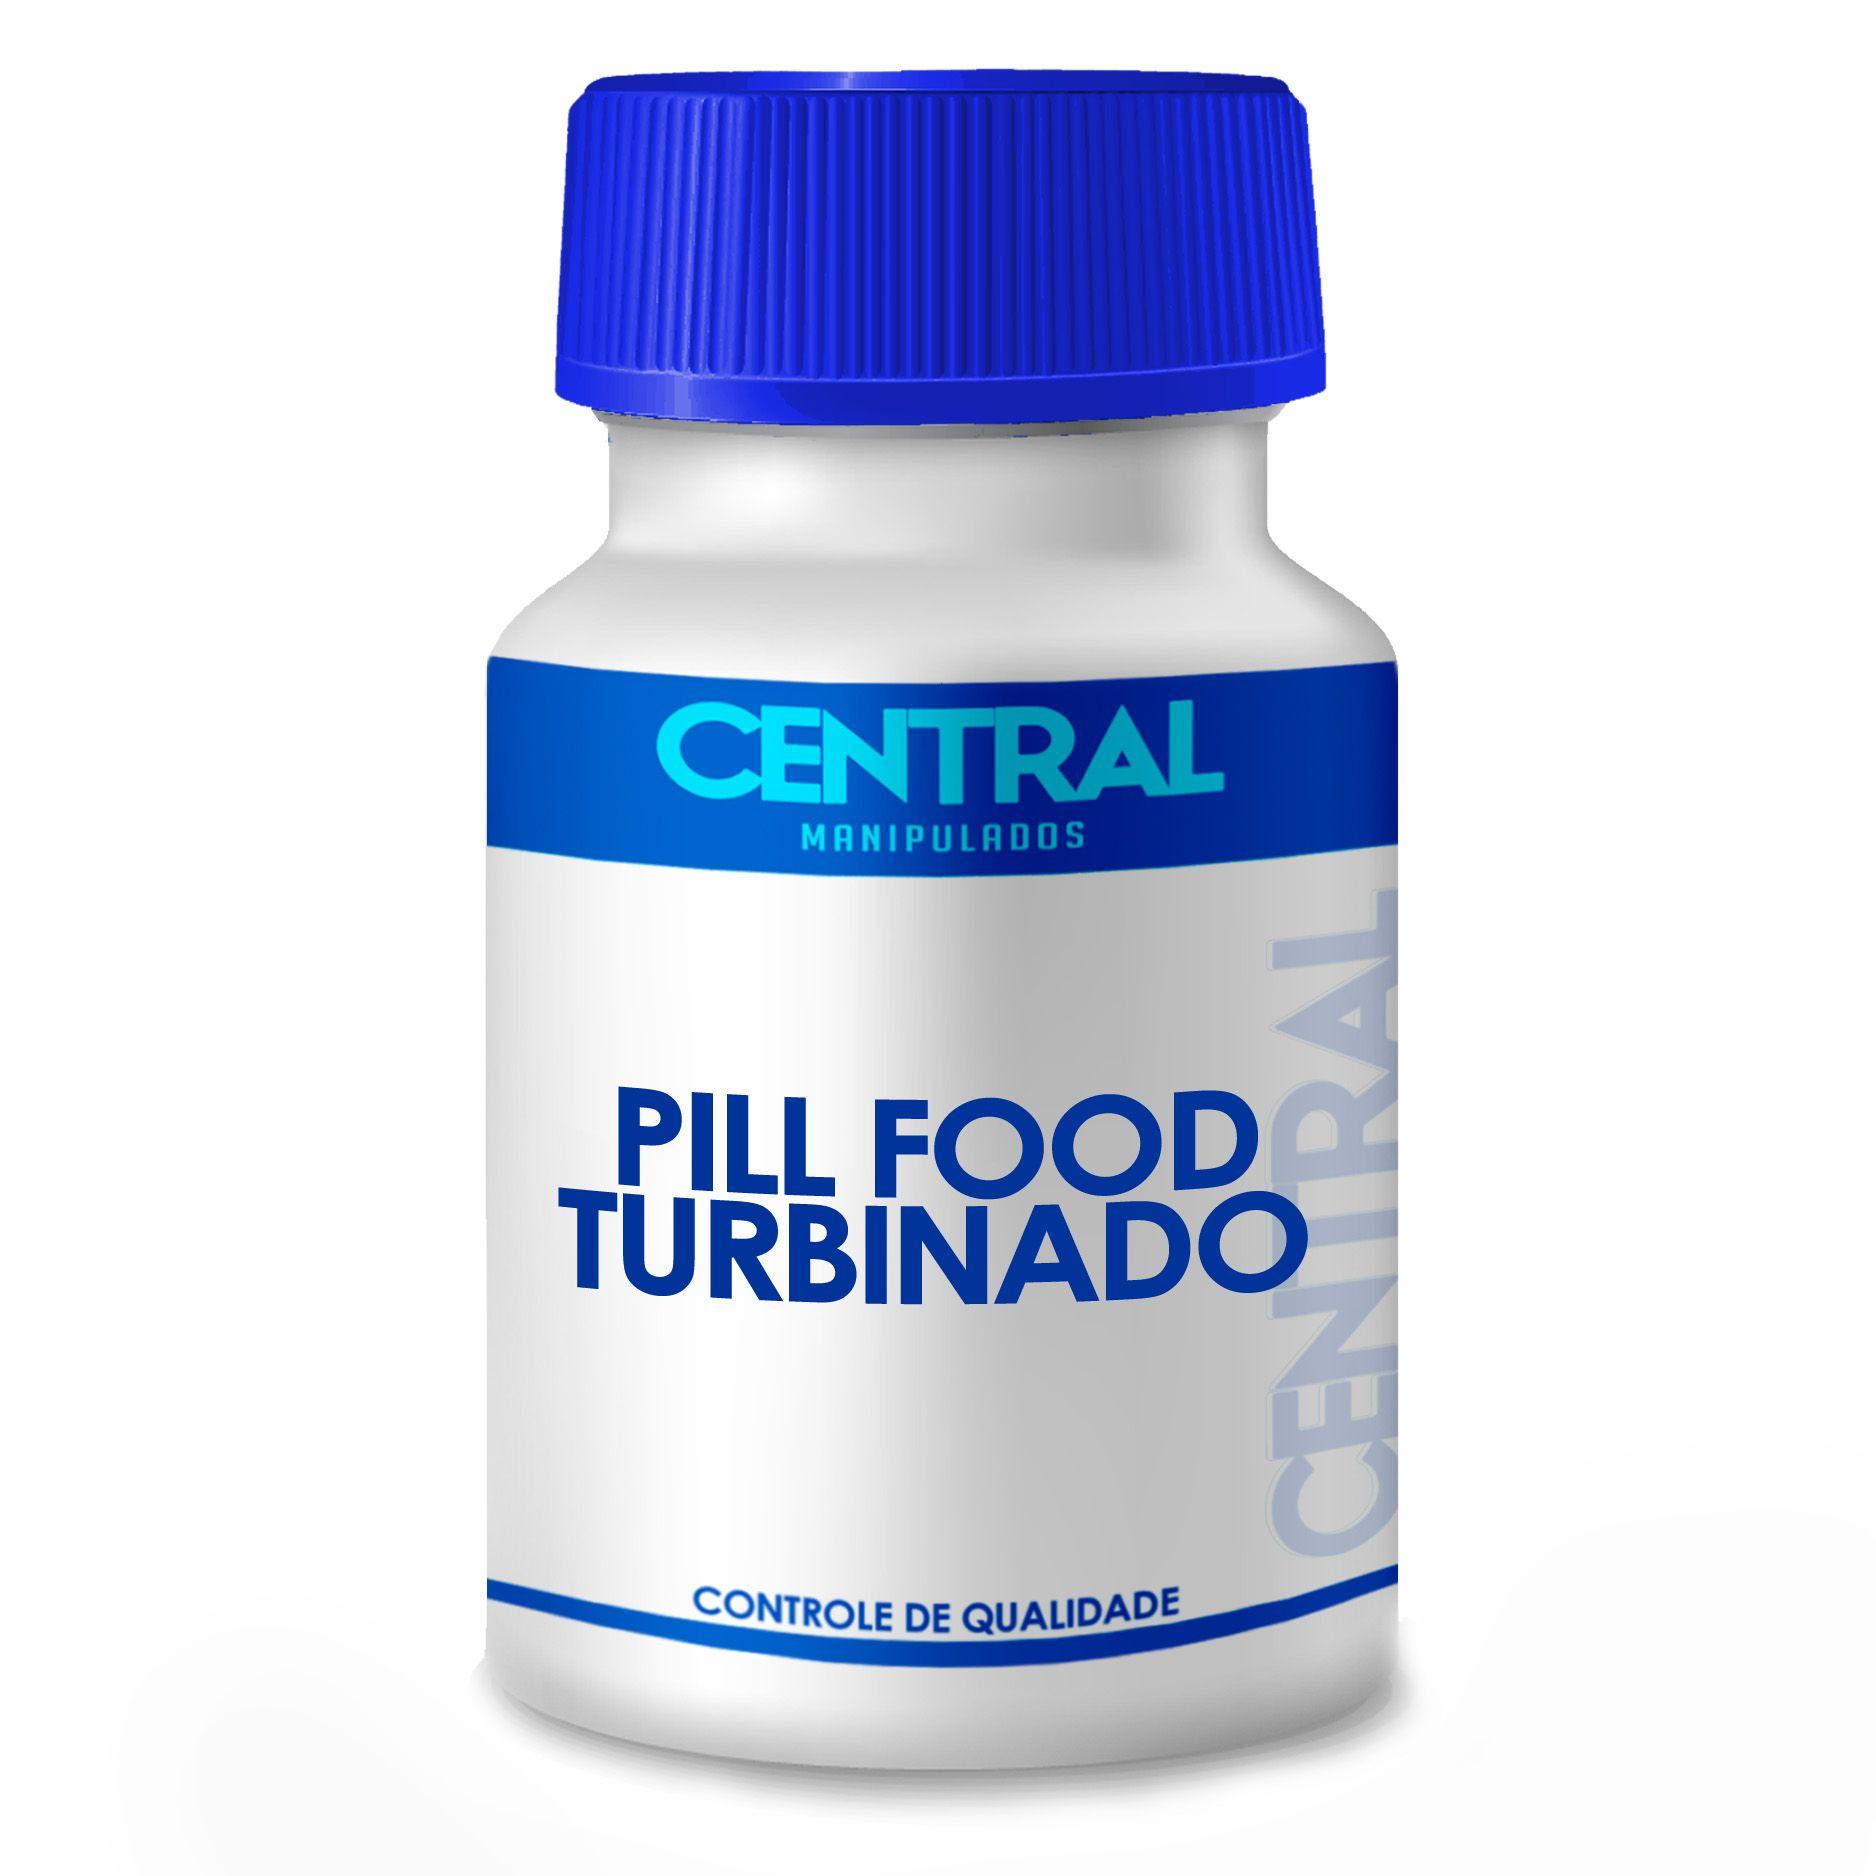 Pill Food Turbinado 180 cápsulas